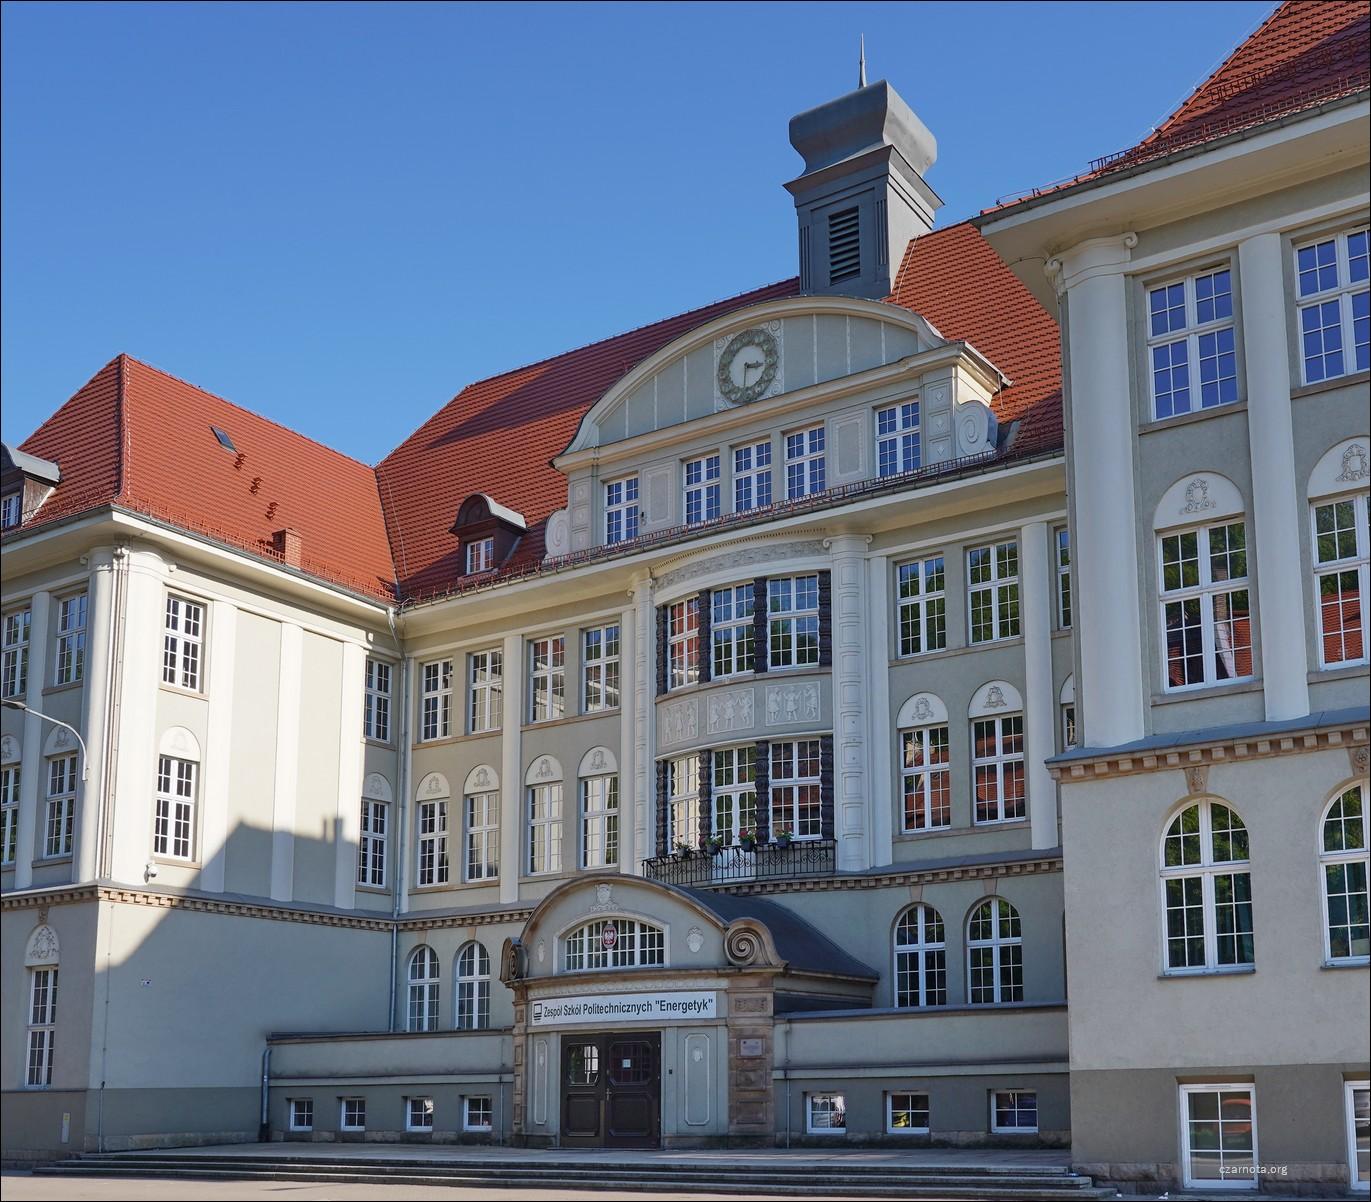 Wałbrzych, Aleja Wyzwolenia 3, 5, 7, Zespół Szkół Politechnicznych Energetyk w Wałbrzychu w 2010 i 2021